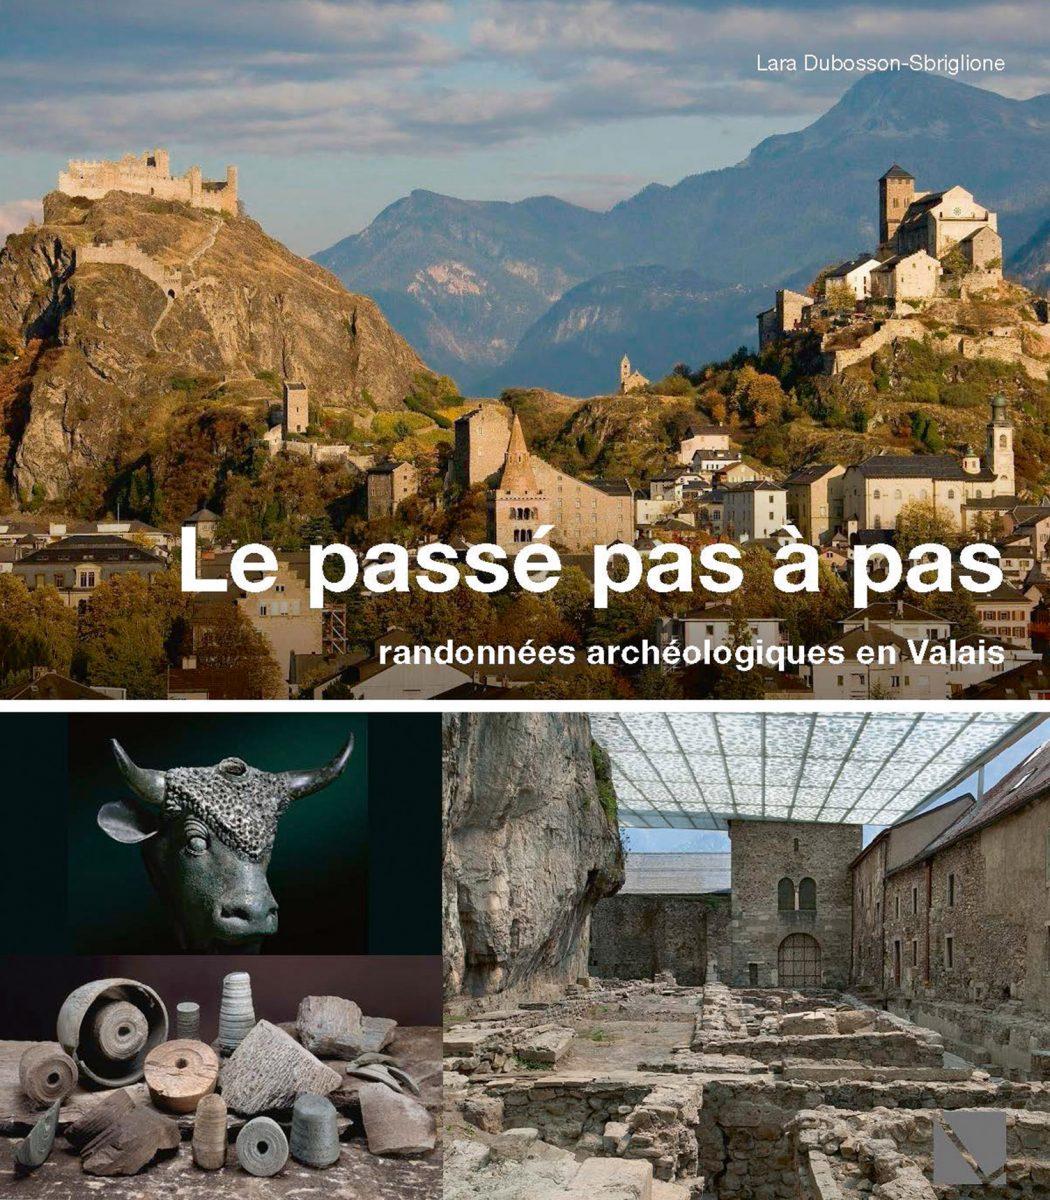 Le passé pas à pas – Randonnées archéologiques en Valais